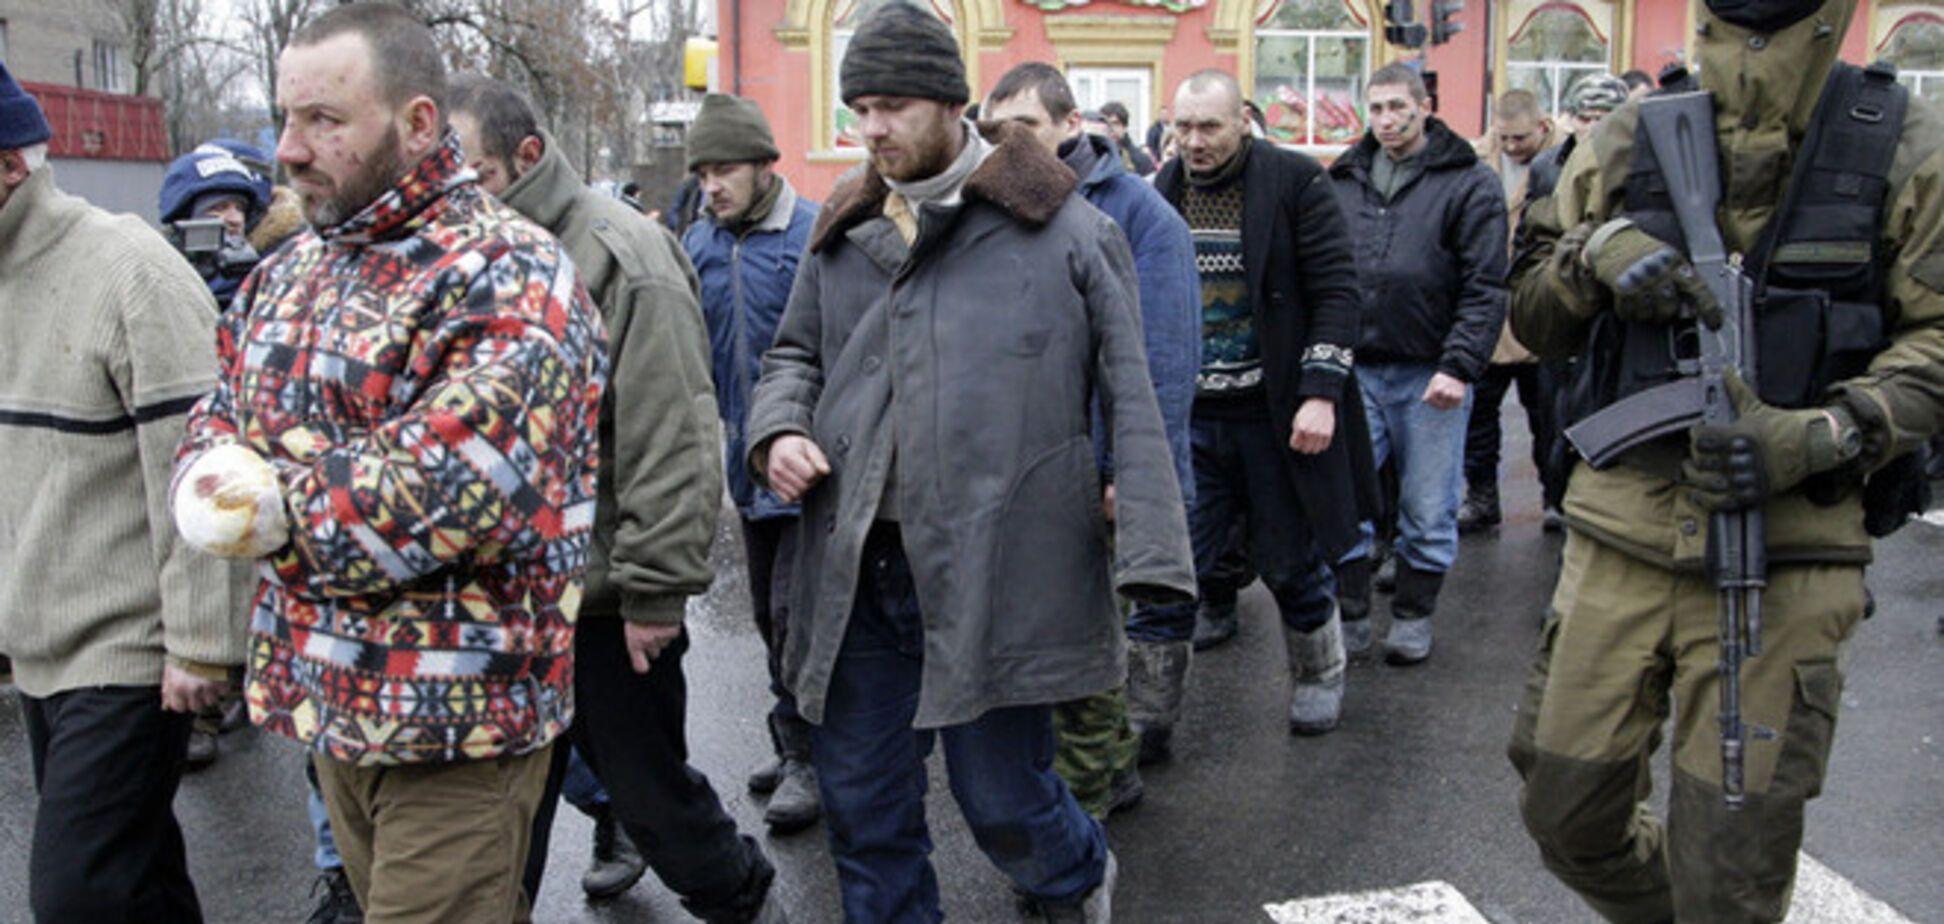 Немцов о 'параде' пленных воинов АТО в Донецке: врага можно ненавидеть, но нельзя унижать